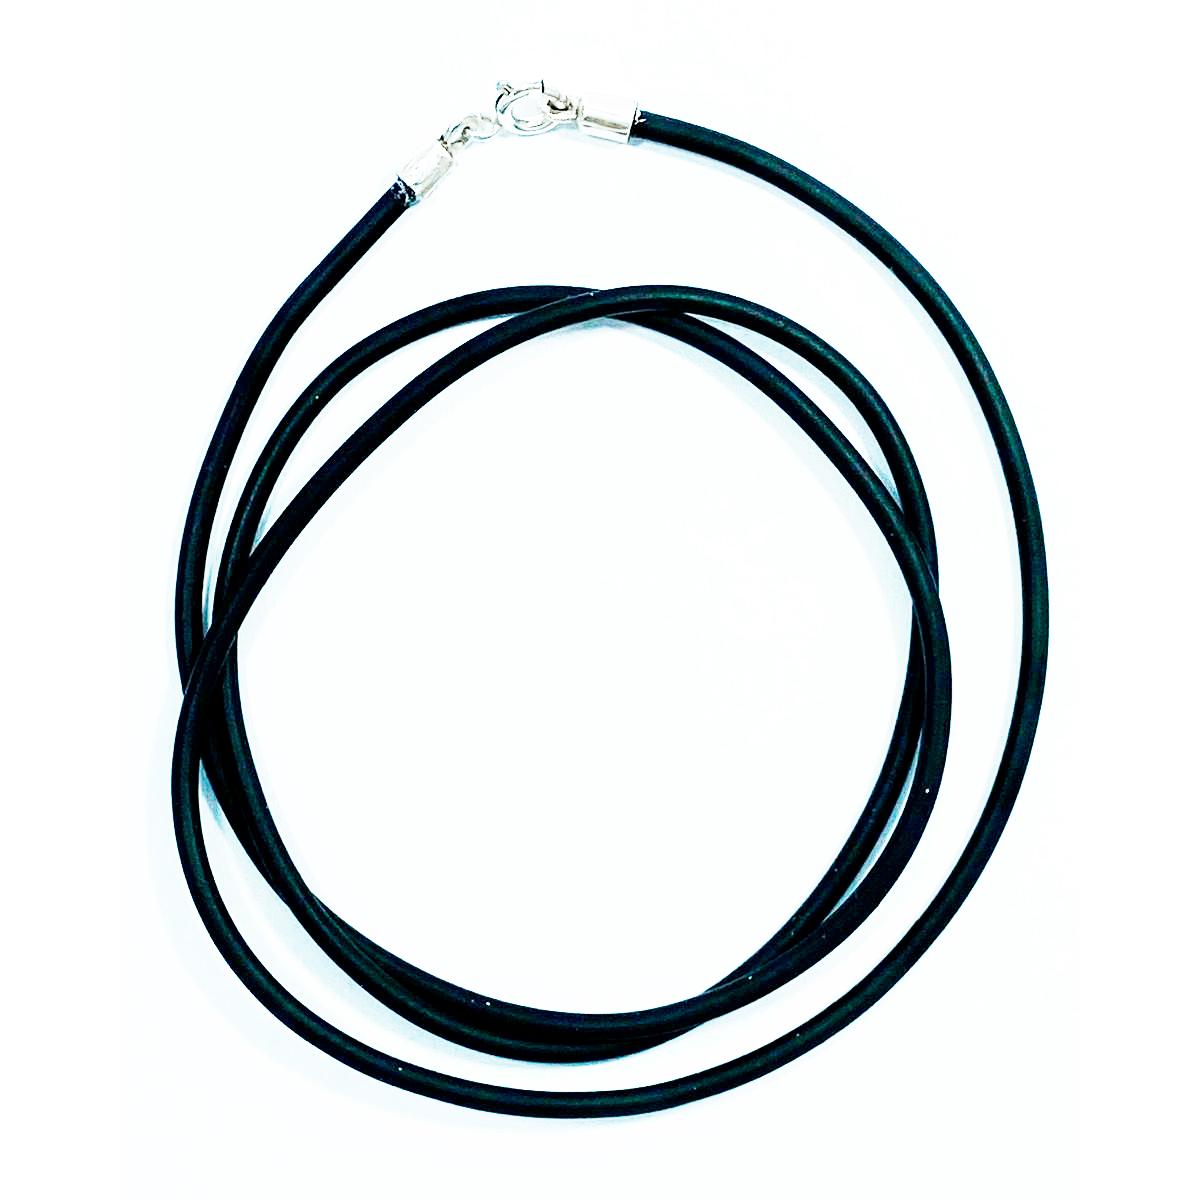 Cordão para Pingente em Borracha 60cm - 51020  - Magia das Joias